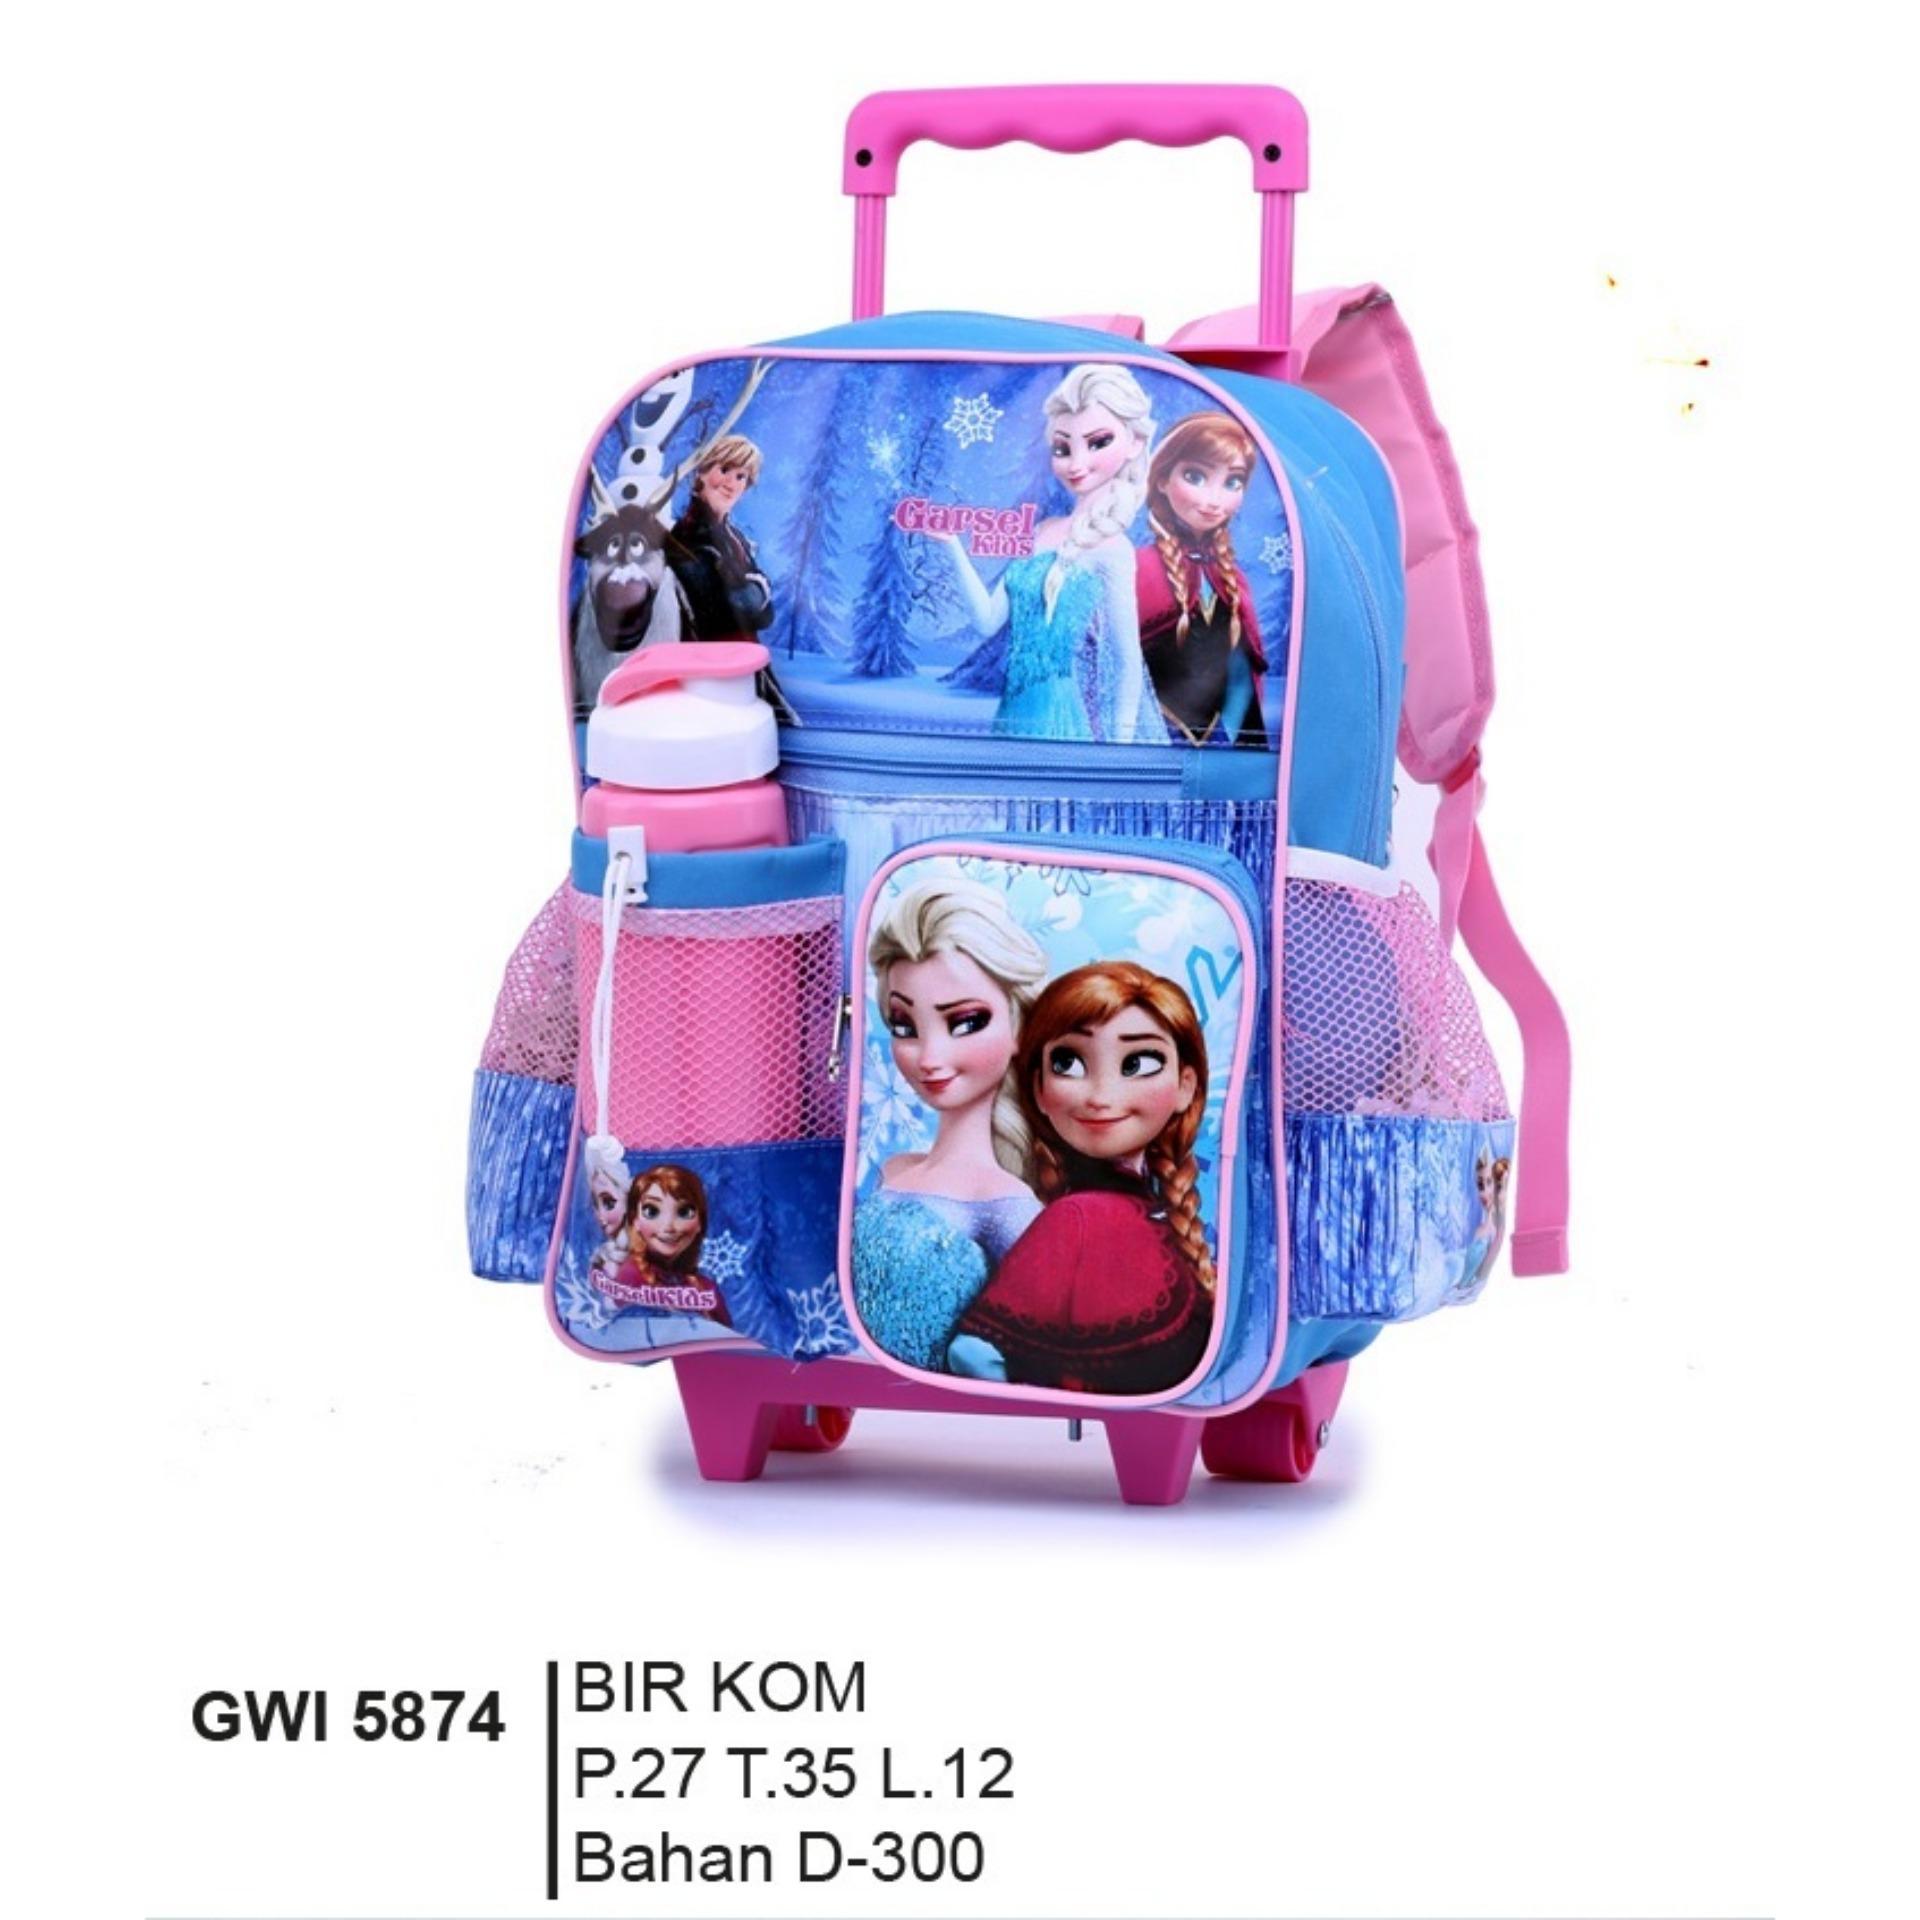 Garsel Fashion Tas Ransel / Troly KARAKTER Anak  Perempuan GWI 5874 - Biru Kombinasi Bahan Dinier 300